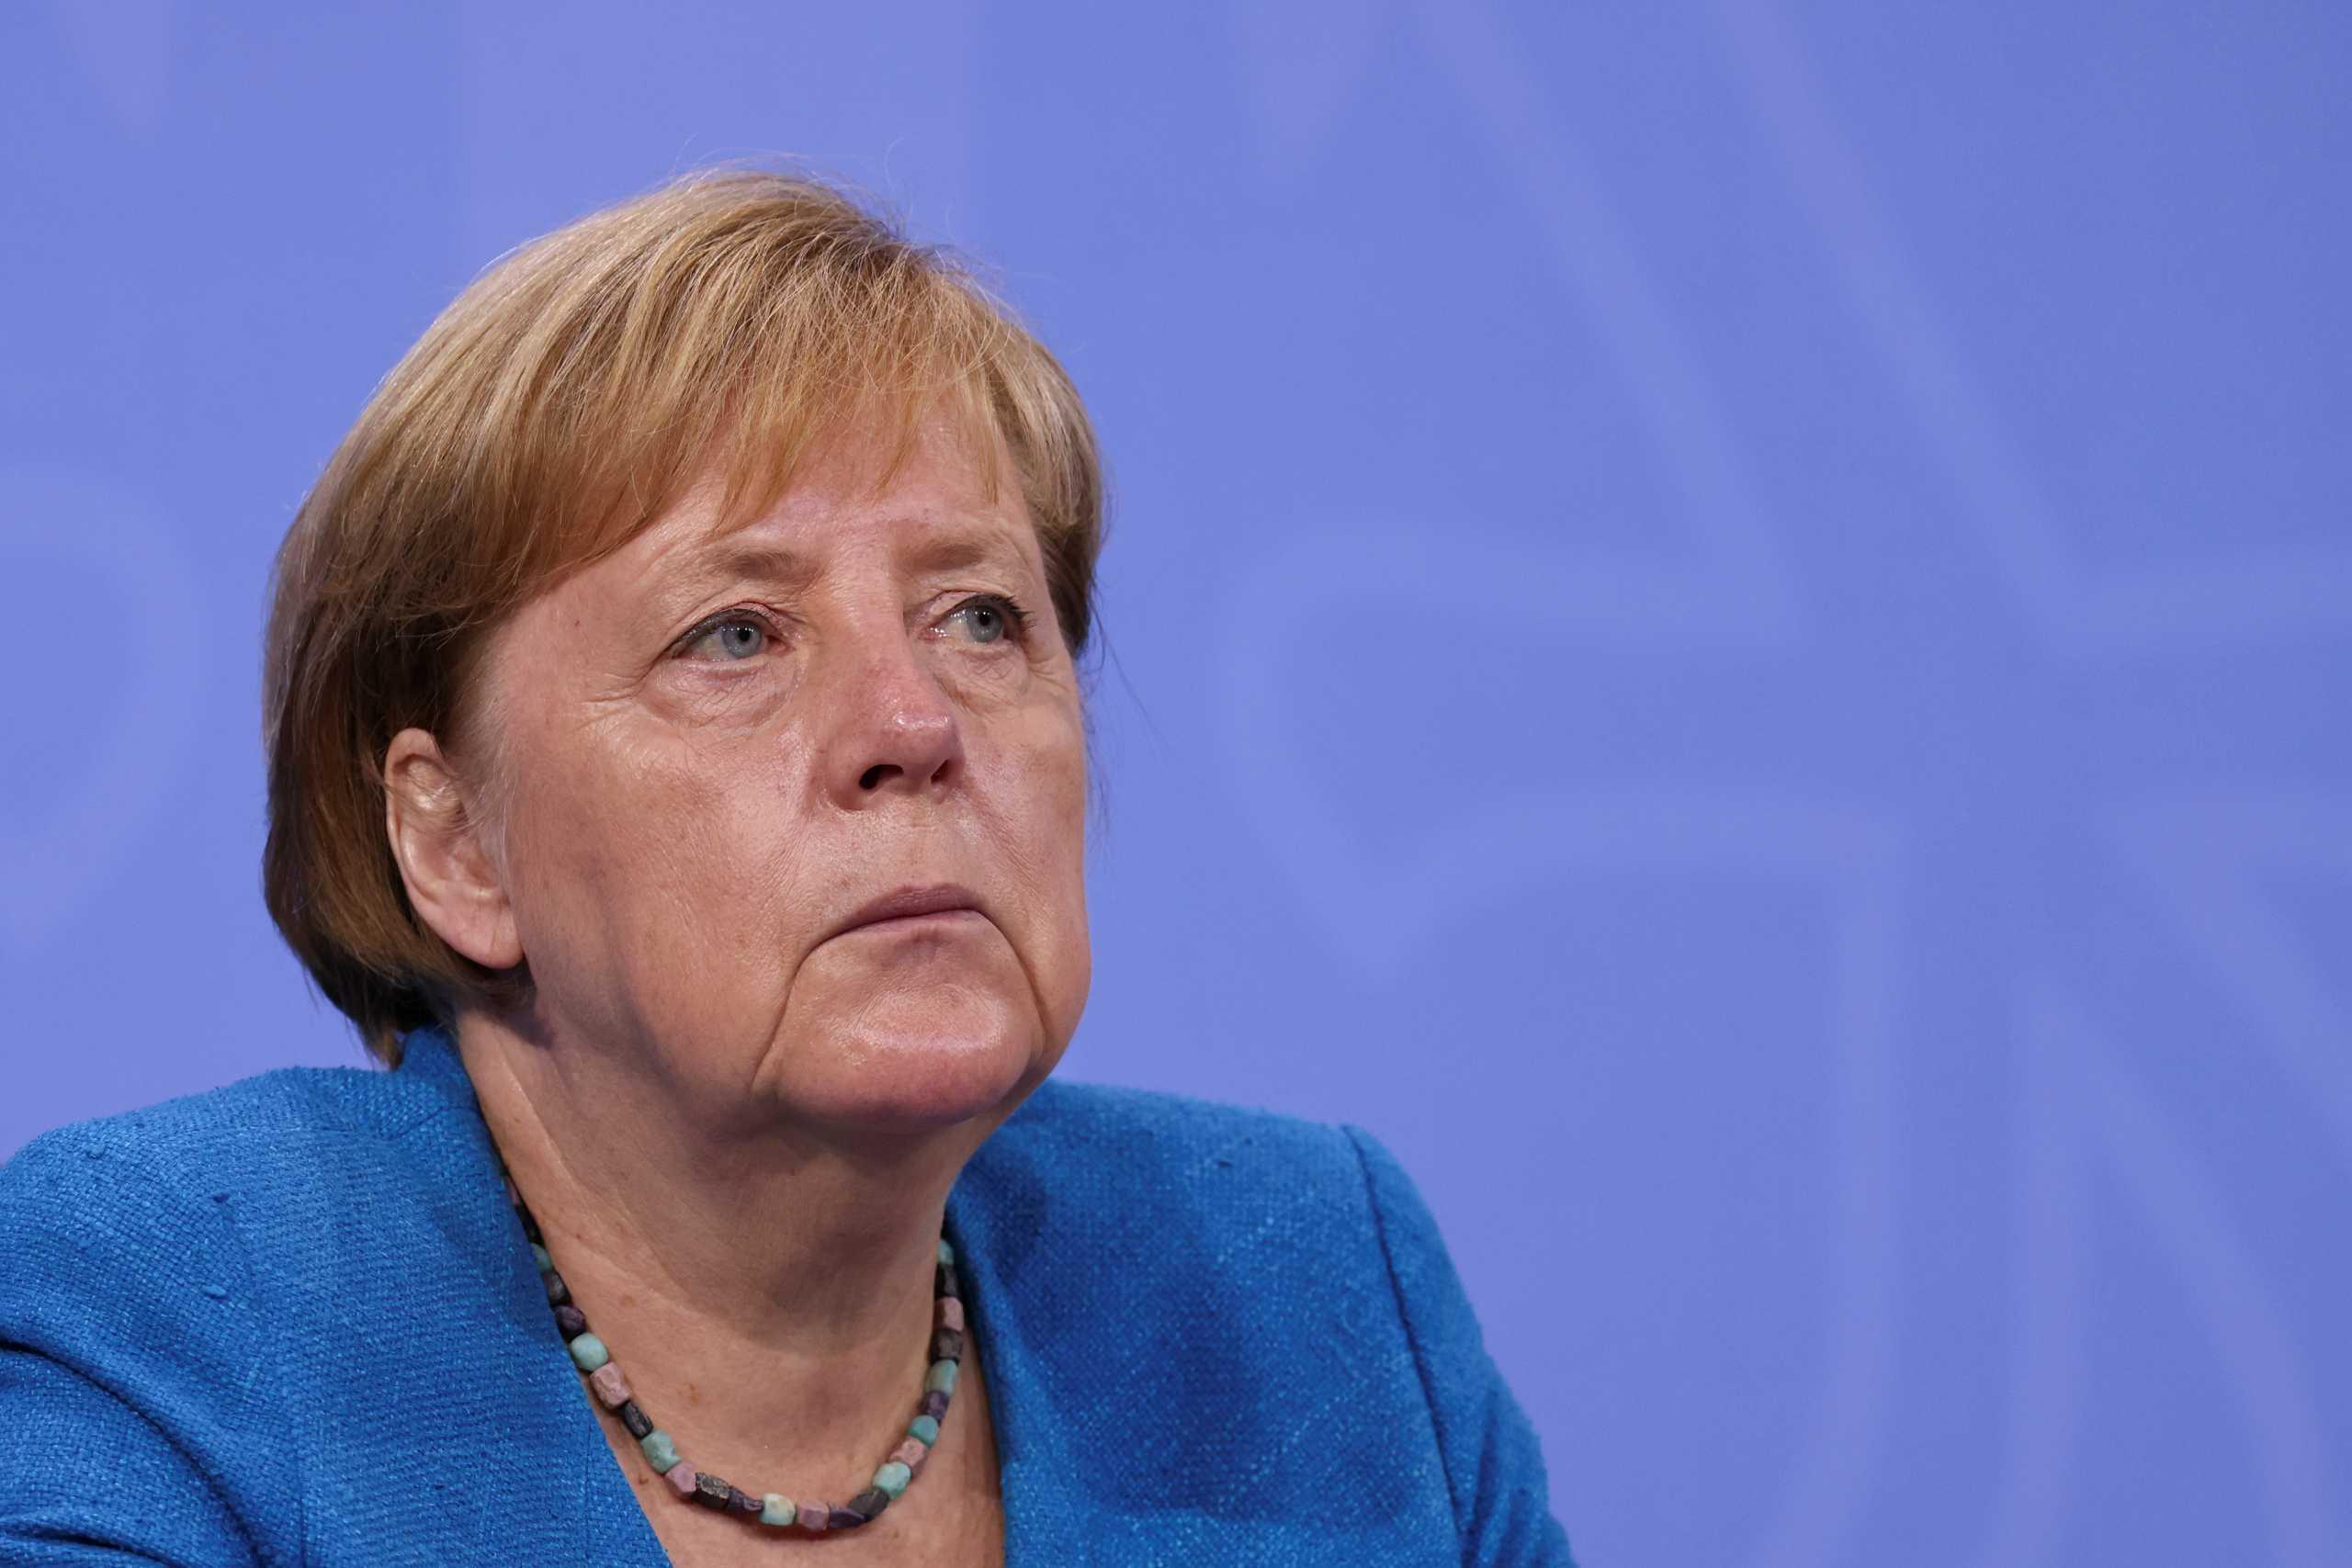 Γερμανία: «Η κατάσταση στο Αφγανιστάν είναι το απόλυτο φιάσκο» – Συγκλονισμένη η Μέρκελ